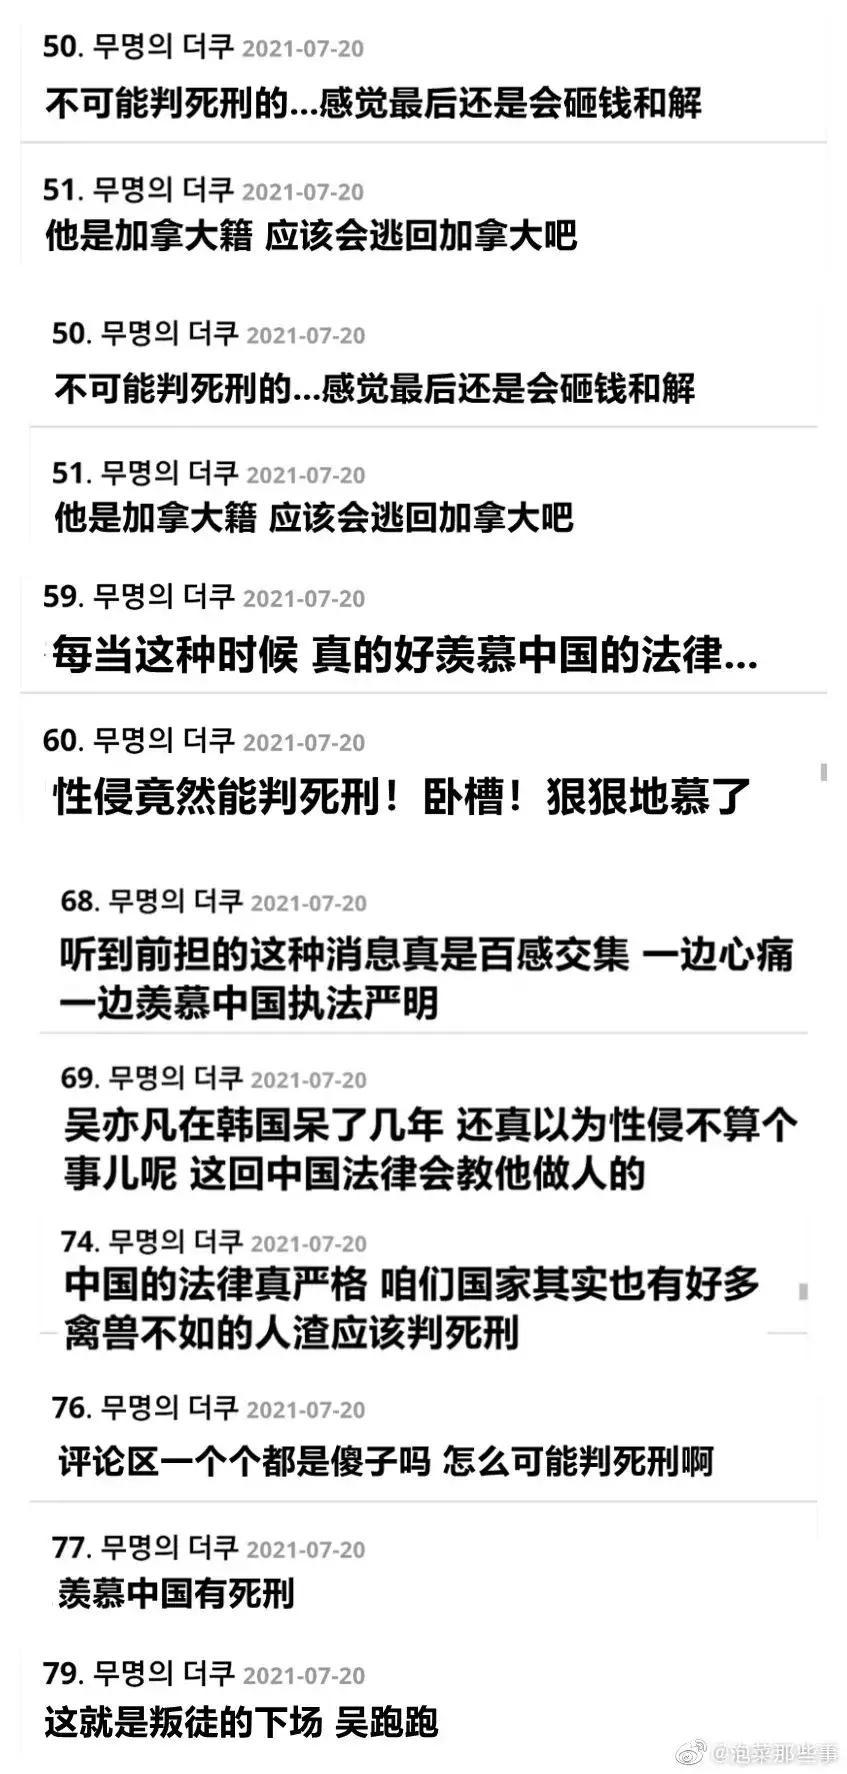 """吴亦凡被拘留:某985高材生""""毁三观评论"""",韩国网友力挺中国"""